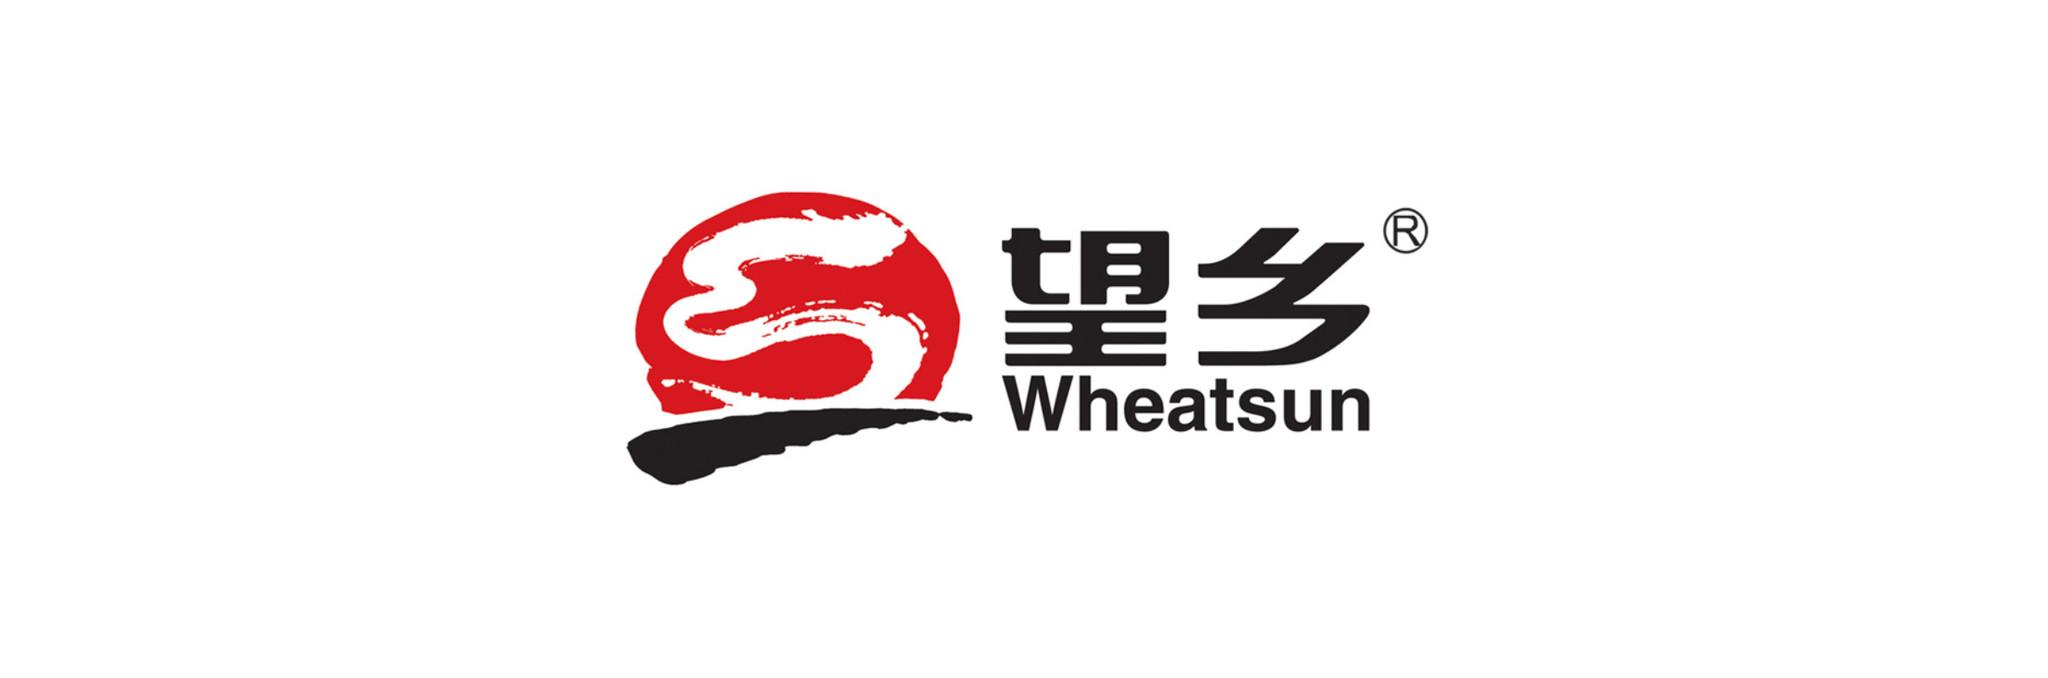 WHEATSUN